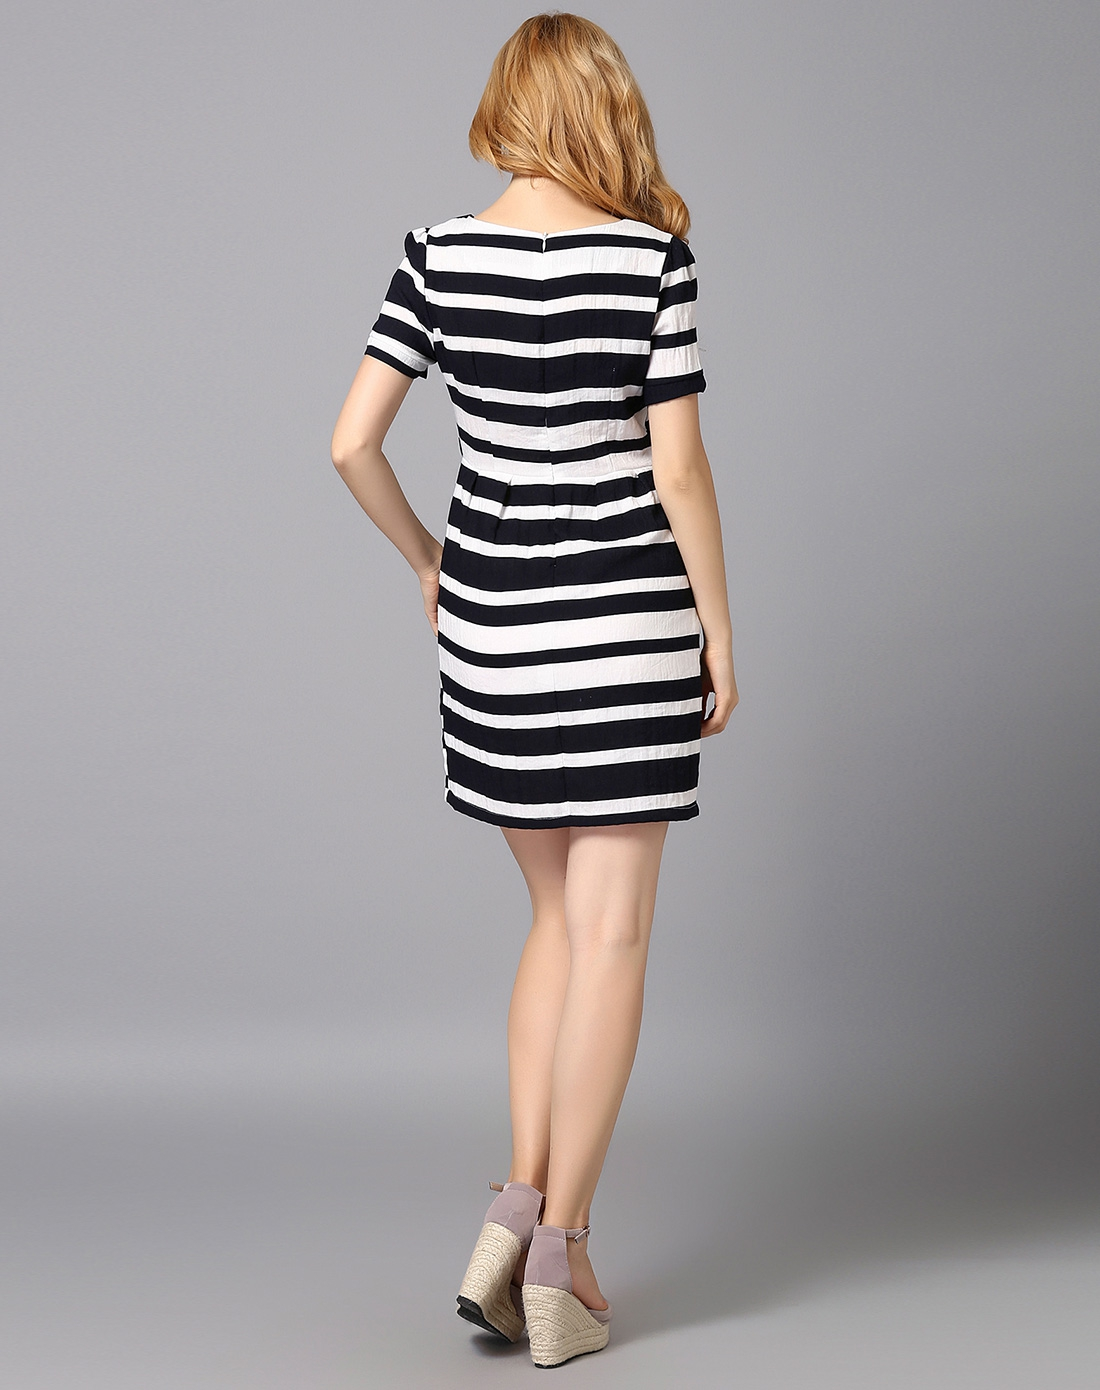 女款黑白色横条纹连衣裙